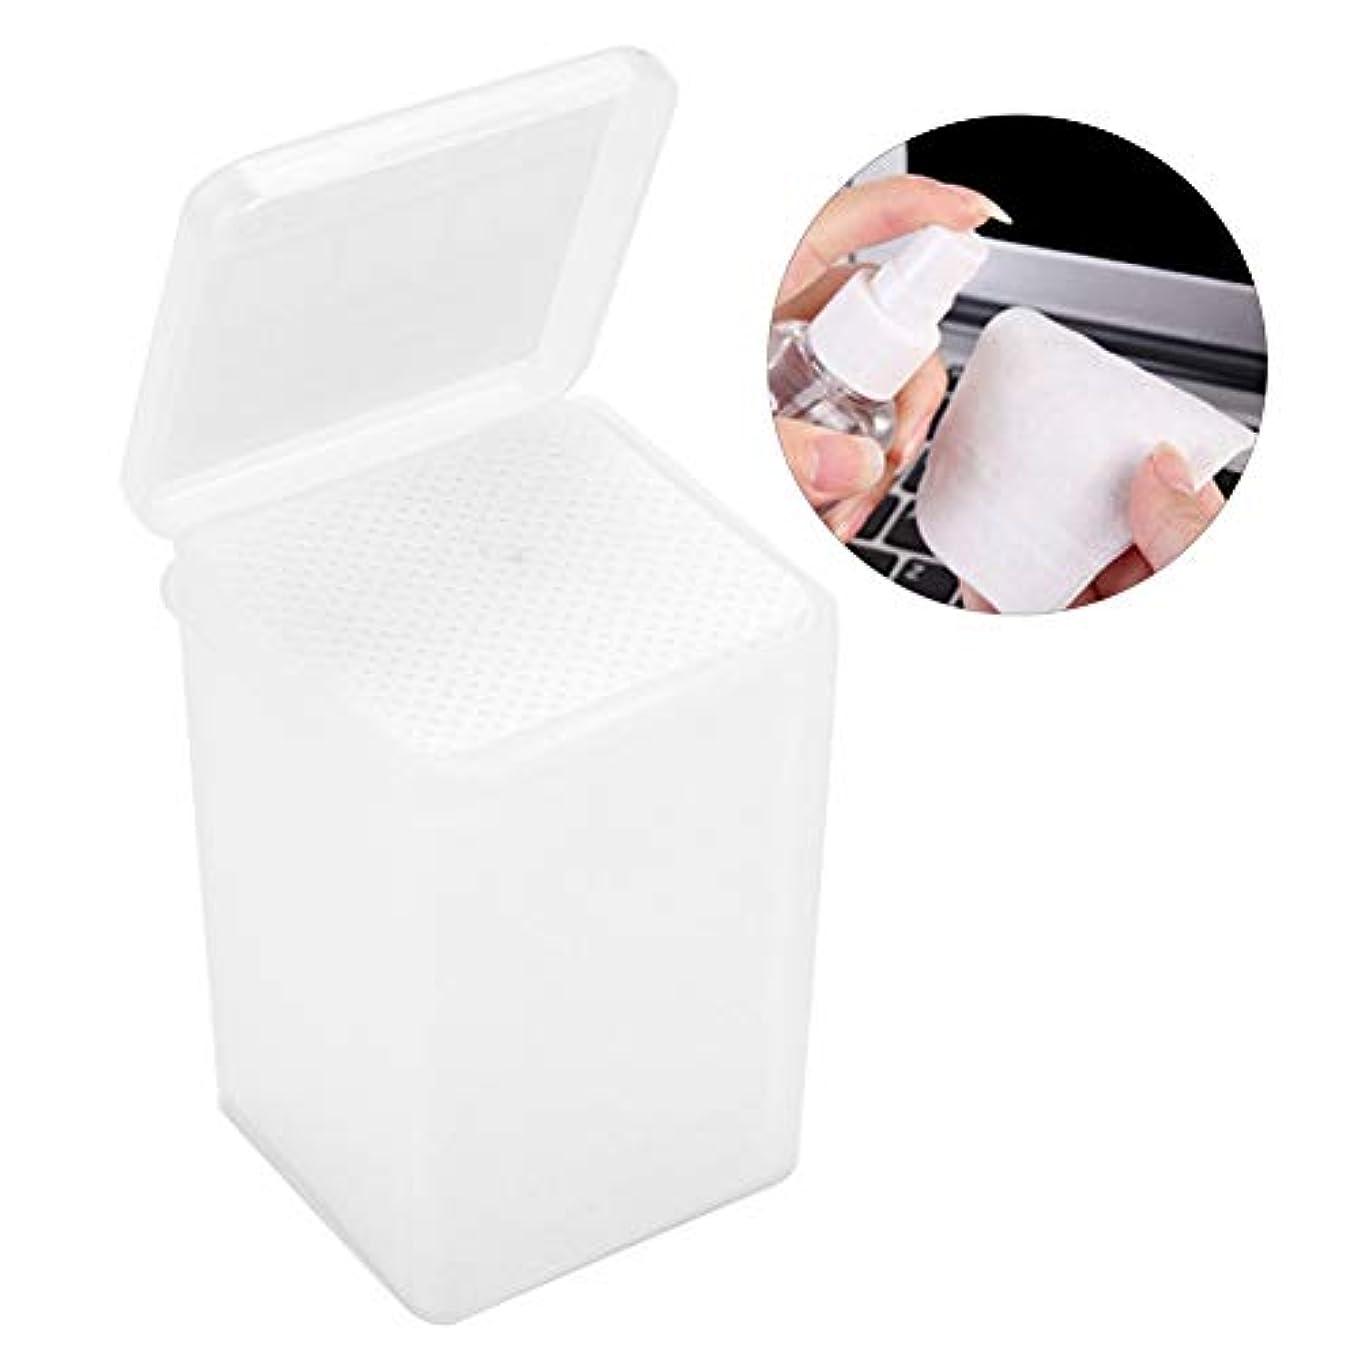 ドアミラーカルシウム新しさ拡大 接着剤のワイプ 不織布の接着剤のびん クリーニングのワイプの取り外しのための180個のまつげ延長パッド